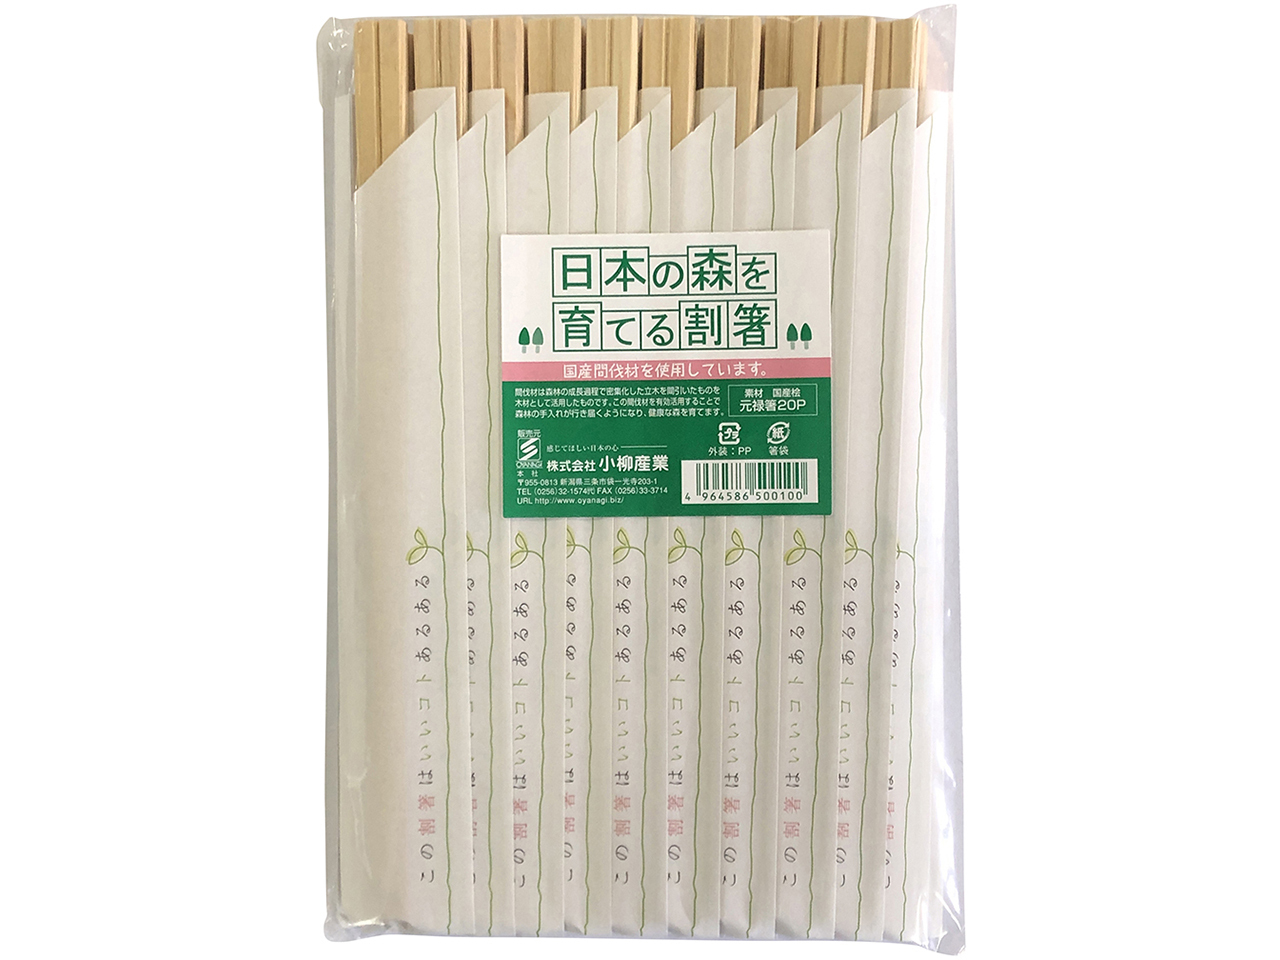 国産ヒノキの割り箸 「日本の森を育てる割箸 桧元禄20膳」 ポストIN発送対応商品